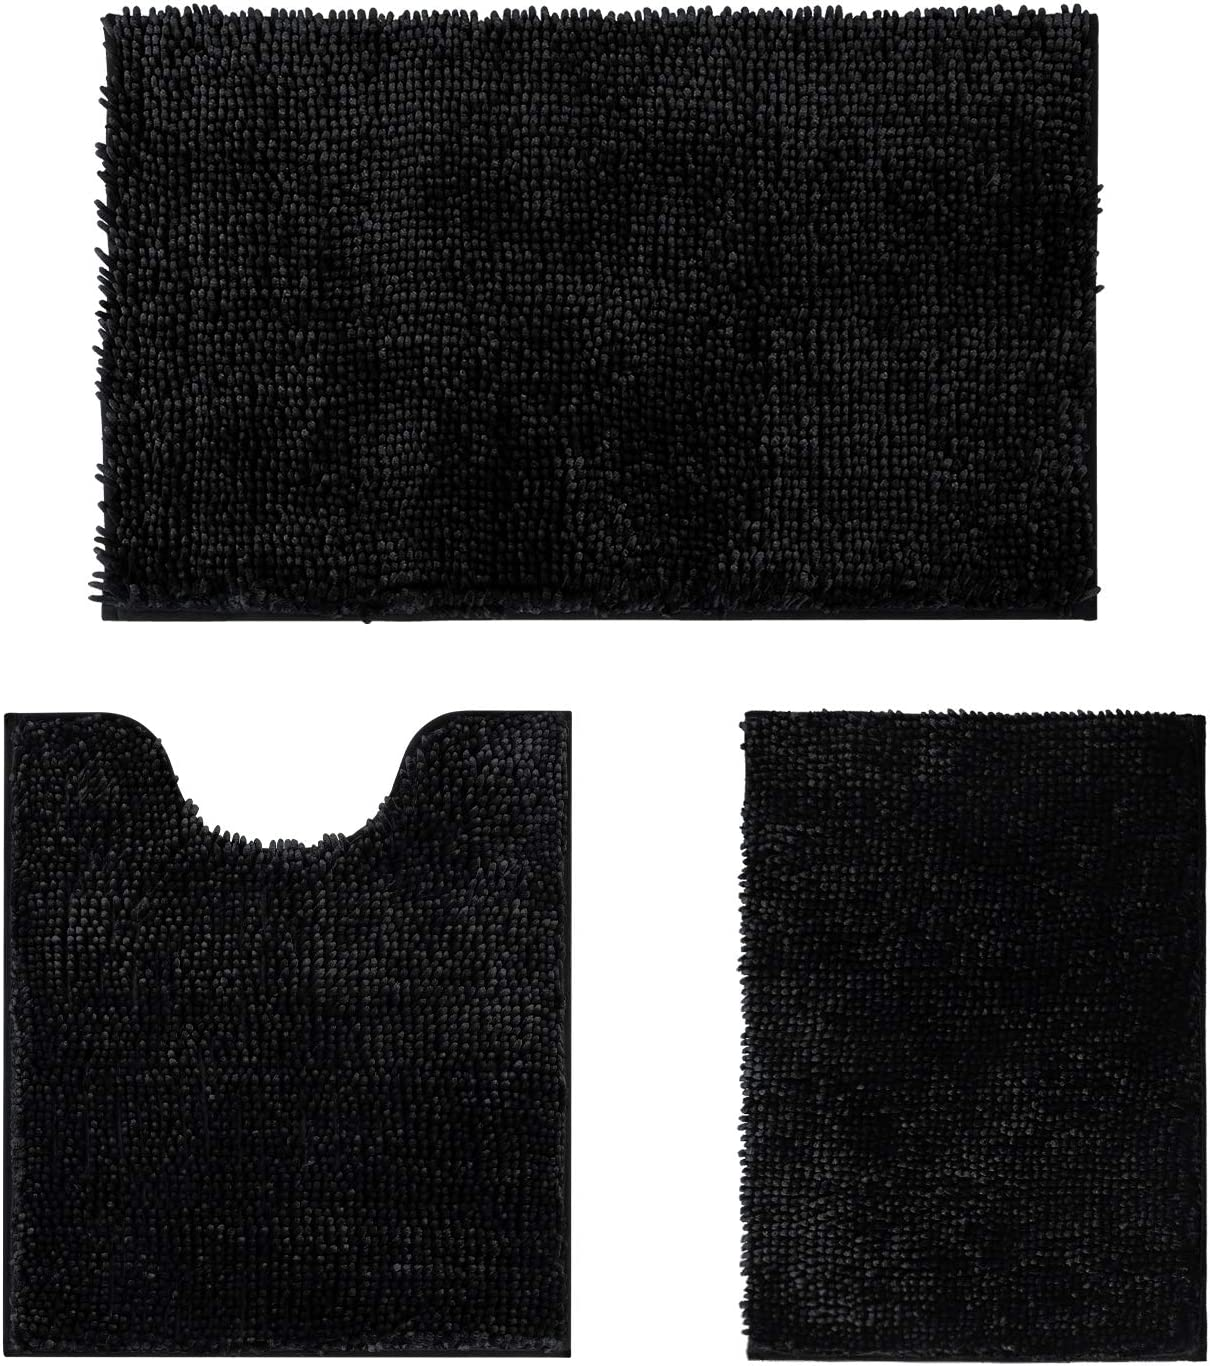 HOMEIDEAS 3 Pieces Outlet sale feature Bathroom Department store Rugs Velve Set Black